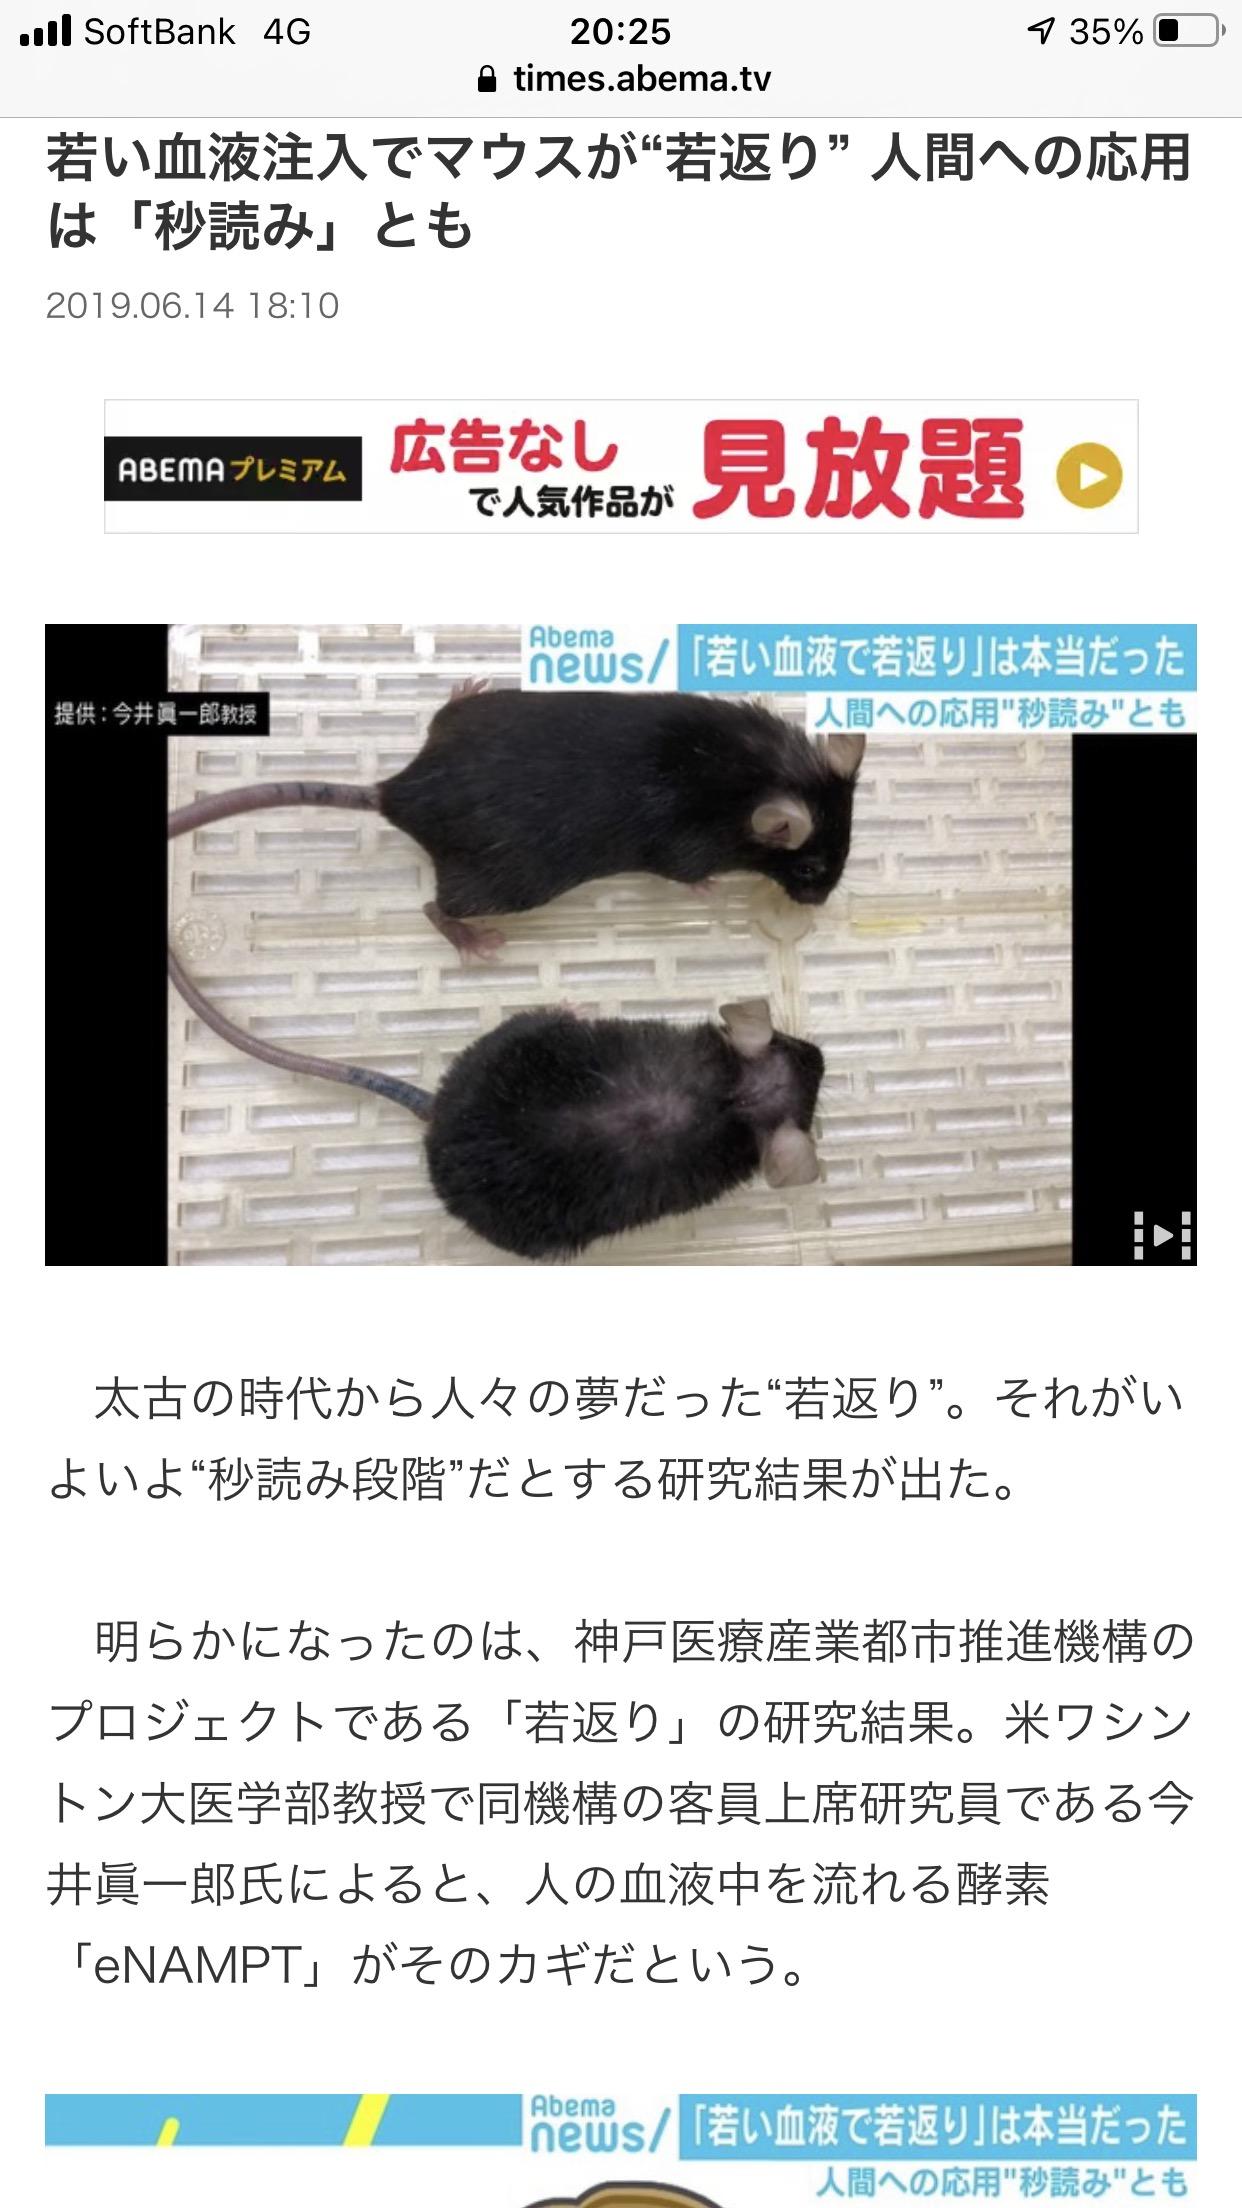 若い血液注入で若返る 80歳が30歳になる 髪の毛がはえてフサフサになる 日本のマウス実験で判明  [蒼い未来★]